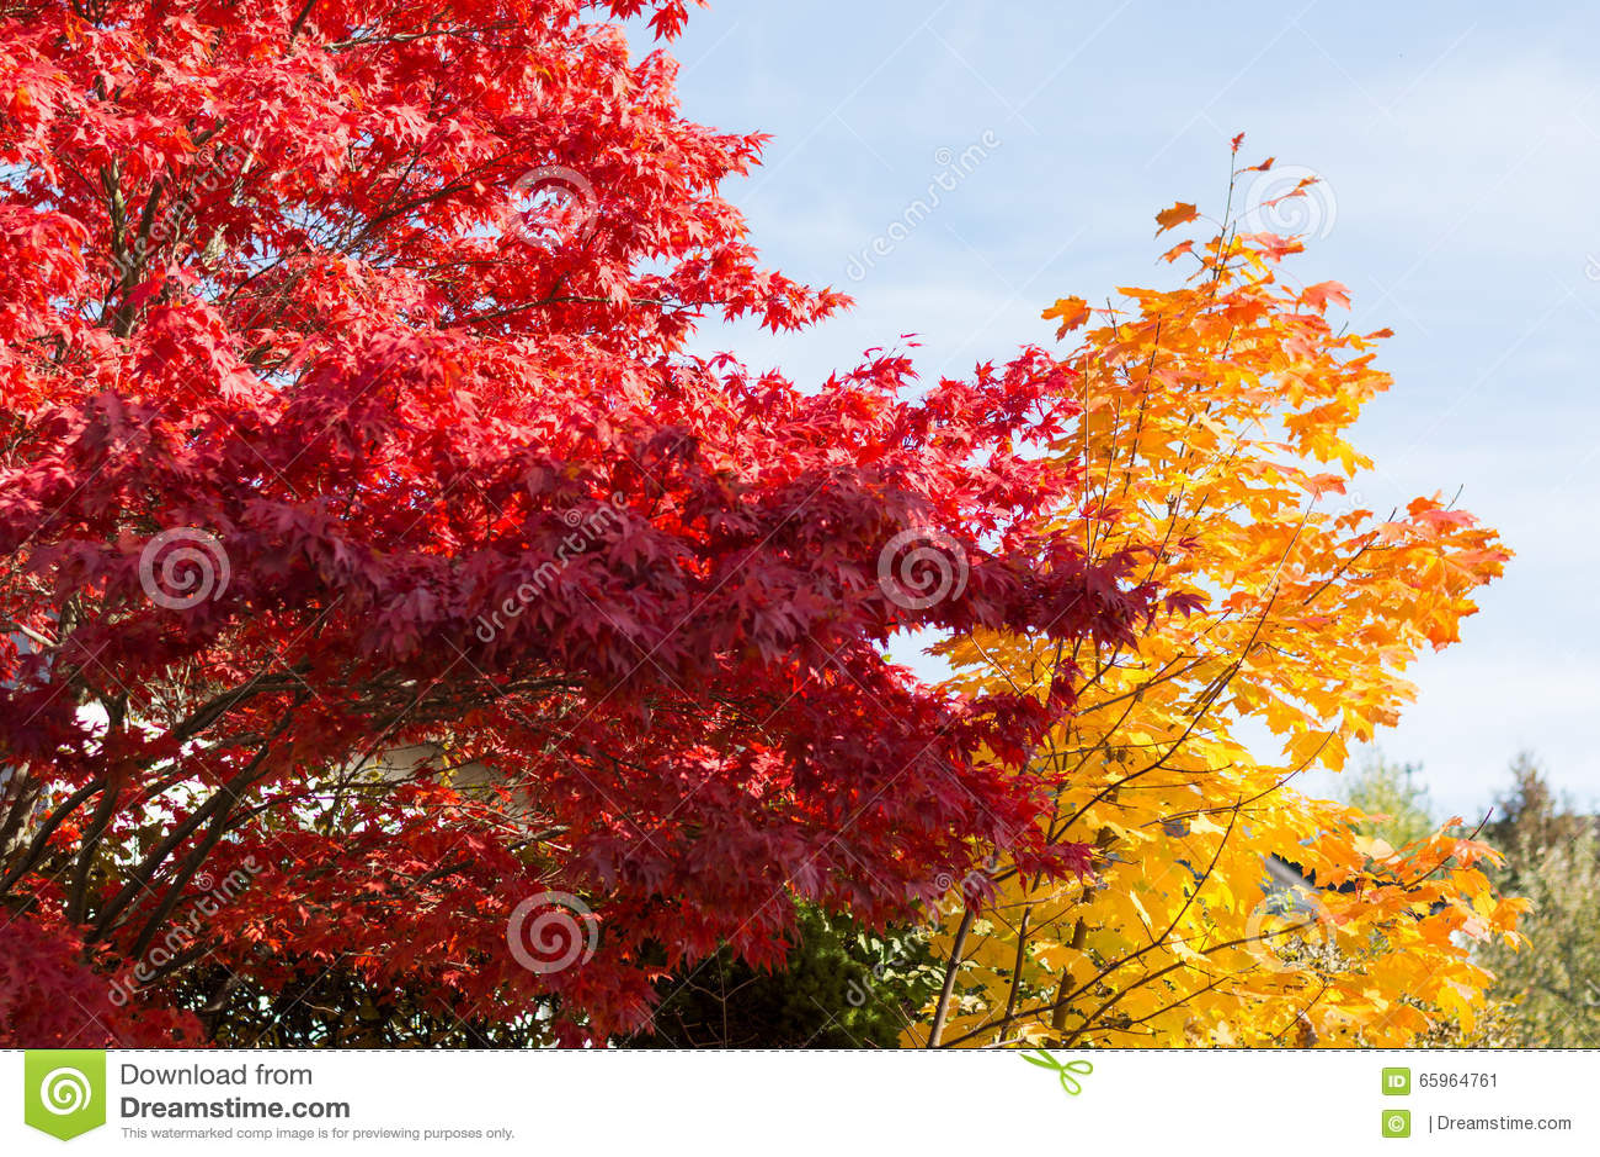 把强烈地光亮落叶树,变色在秋叶.图片